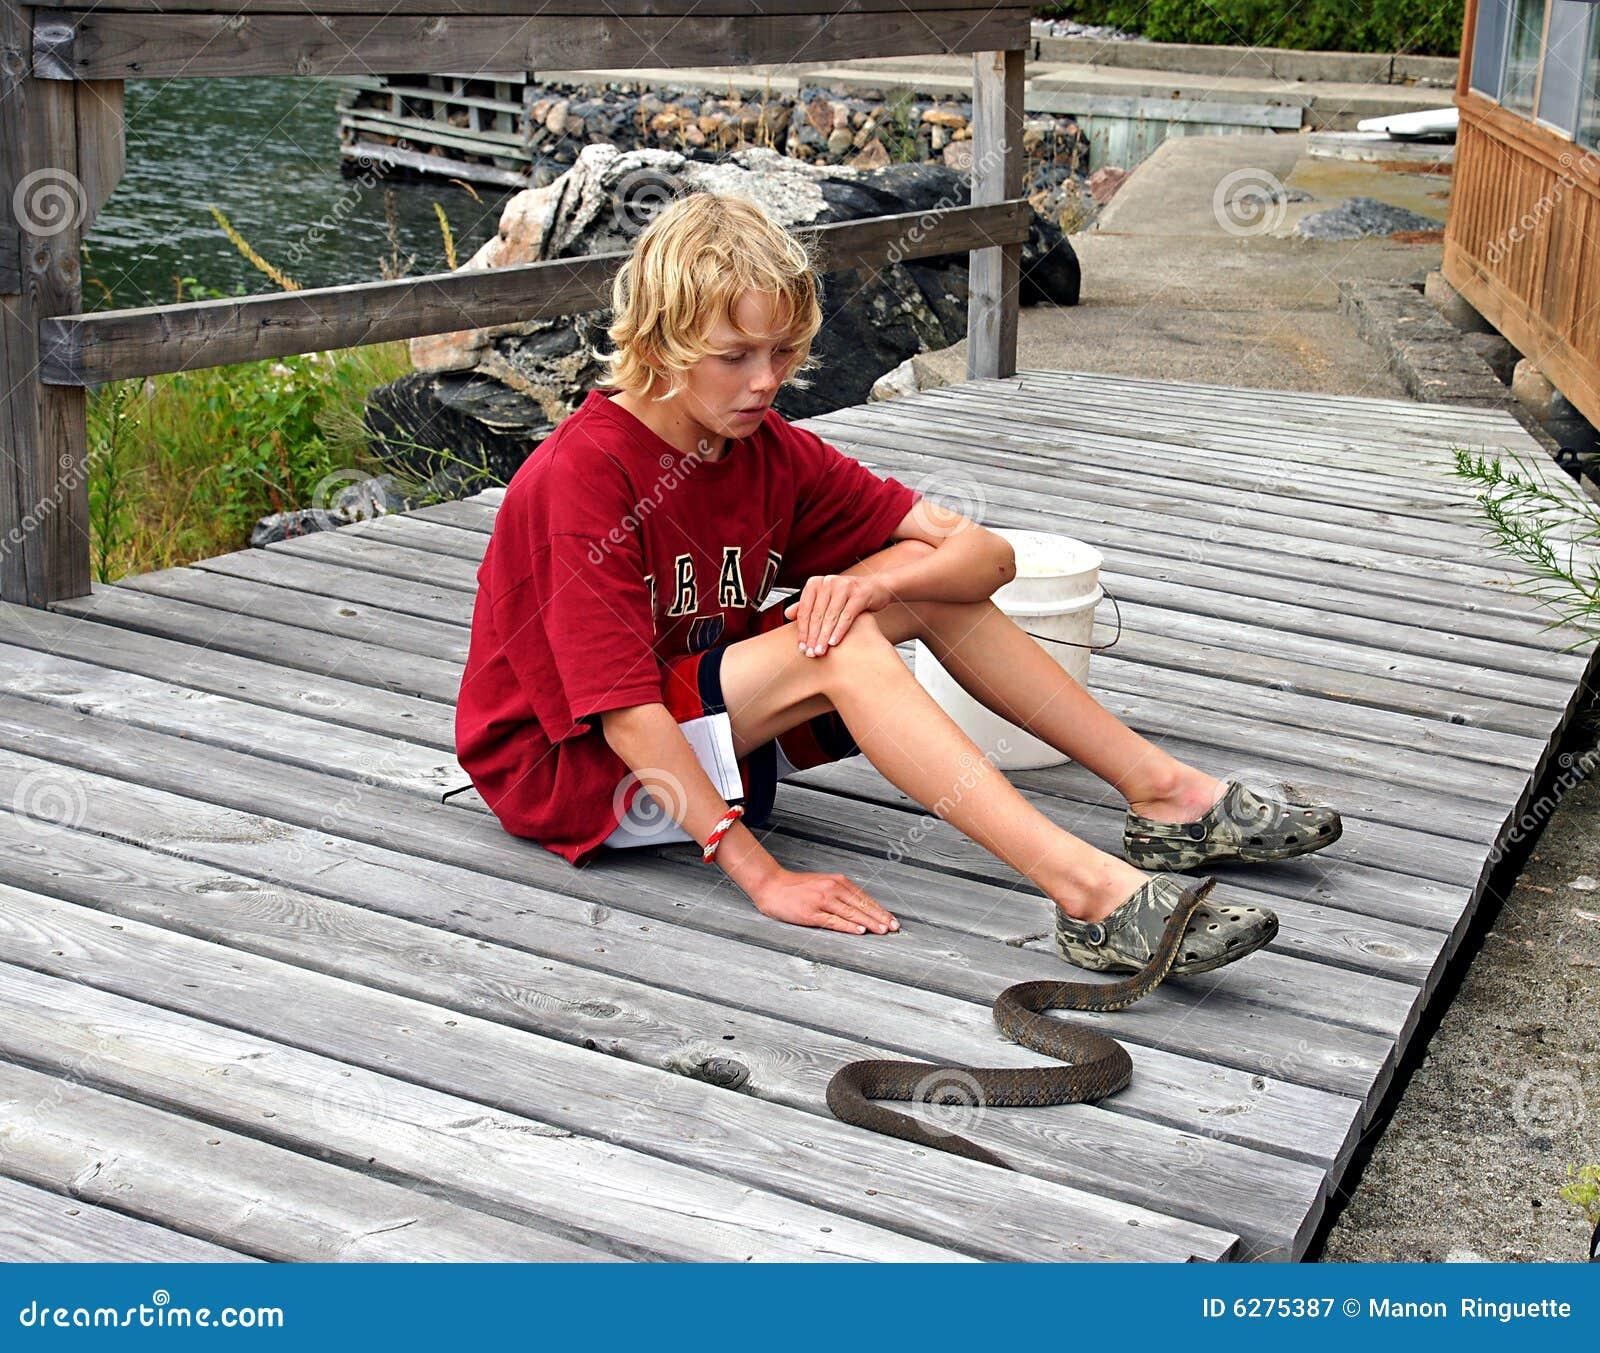 Le garçon contacte le serpent